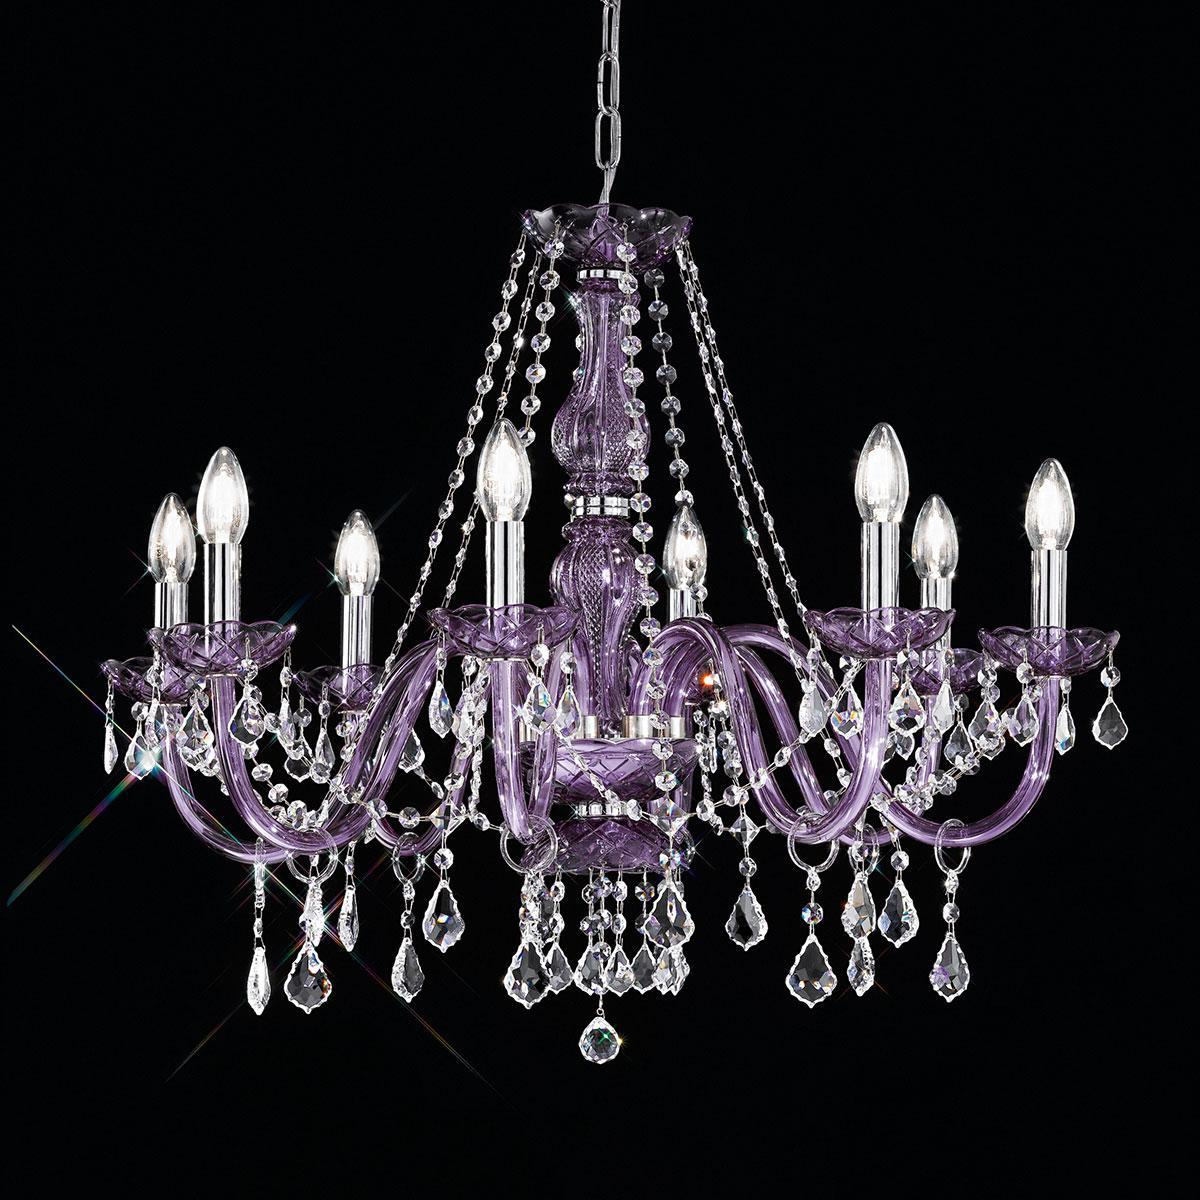 Brindisi Venetian Crystal Chandelier